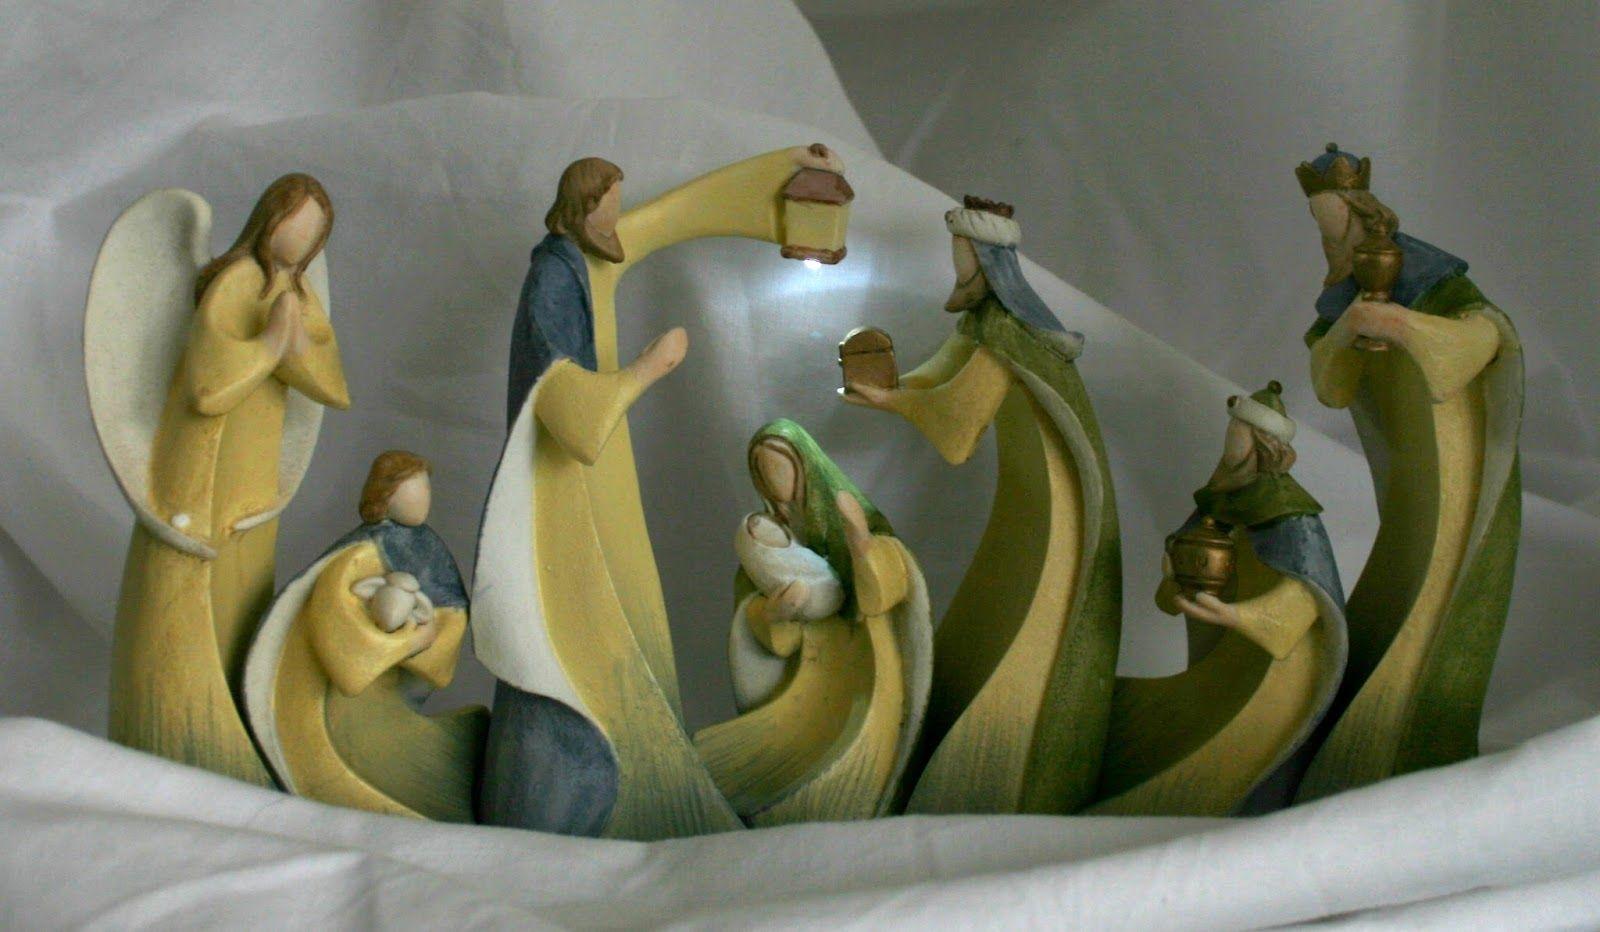 La primera celebraci n navide a en la que se mont un bel n o pesebre para la conmemoraci n del - Belen moderno ...